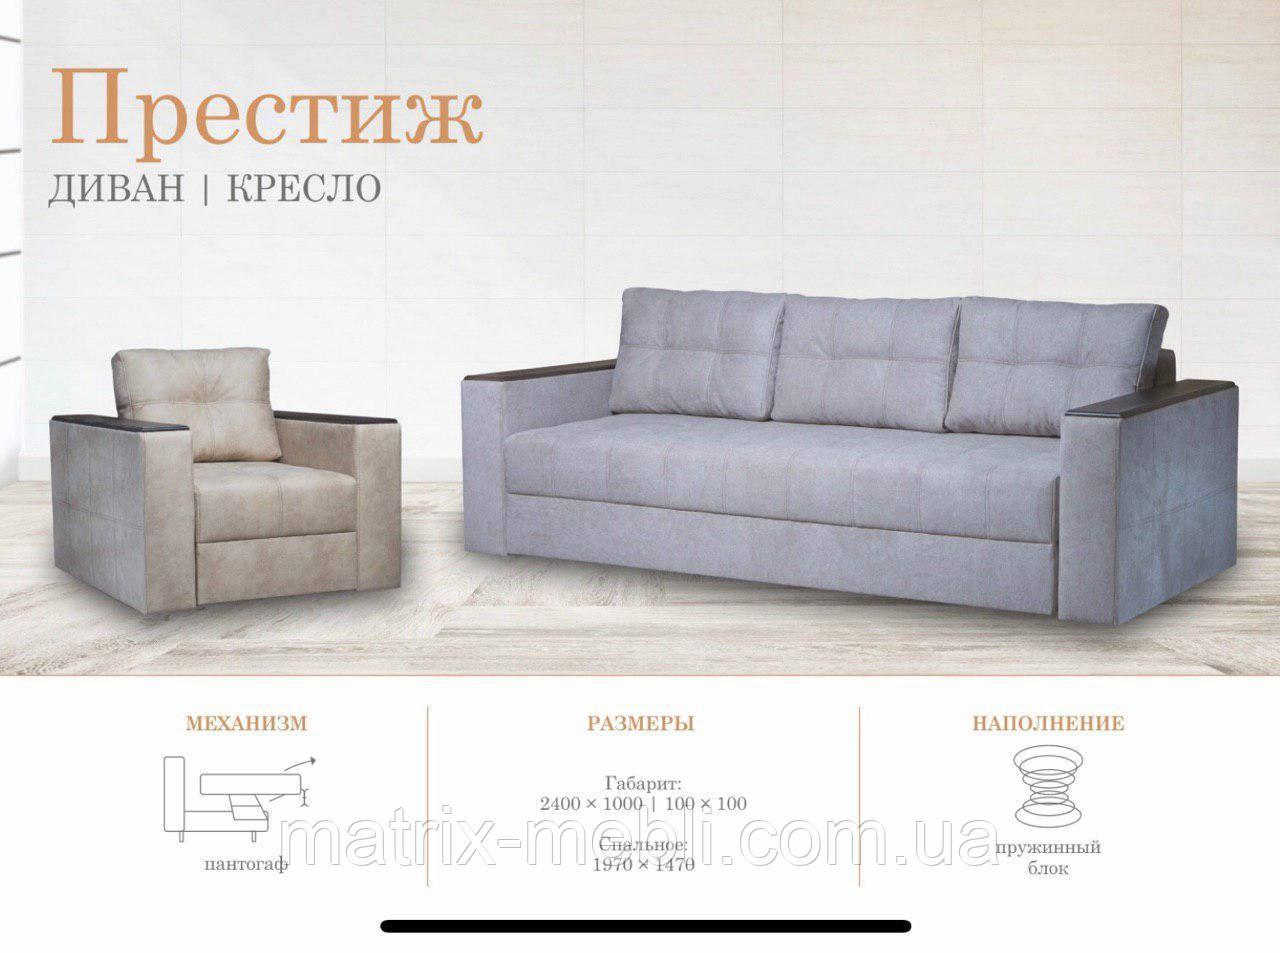 Диван Престиж, мебель Черкассы, куплить диван  Киев, Винница